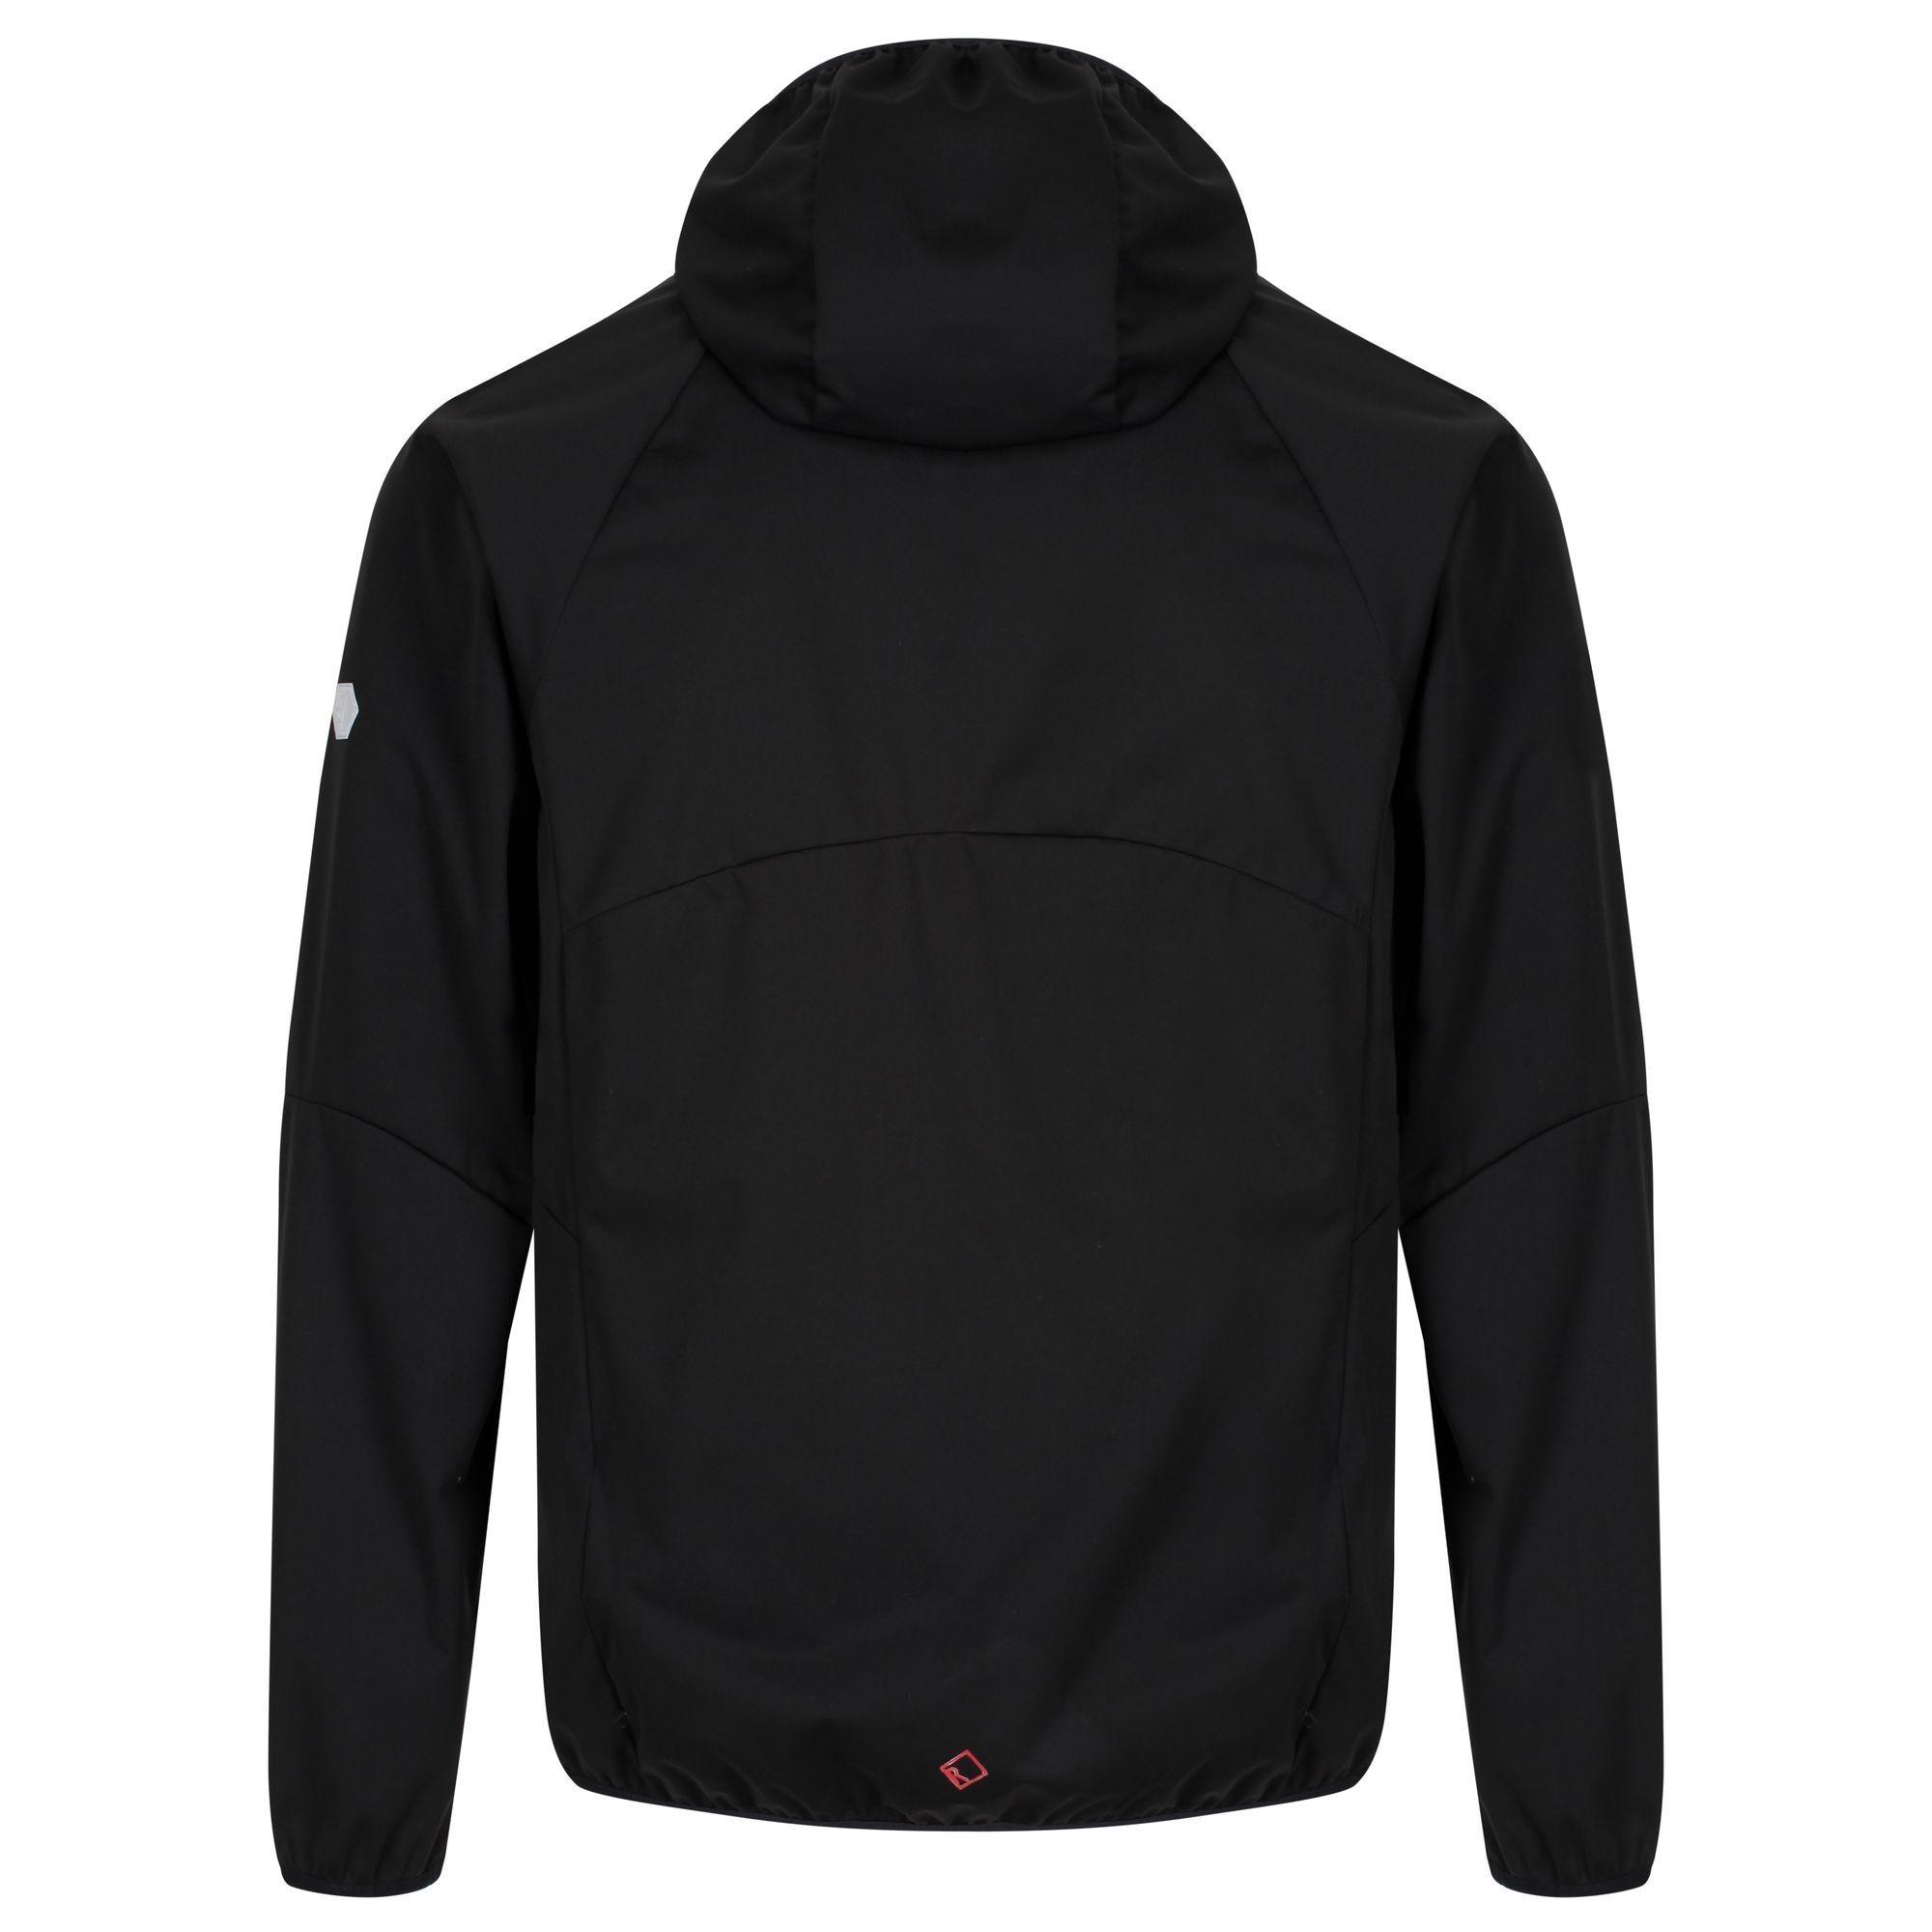 Regatta Mens Tarvos II Hooded Softshell Jacket (Black/Seal Grey)